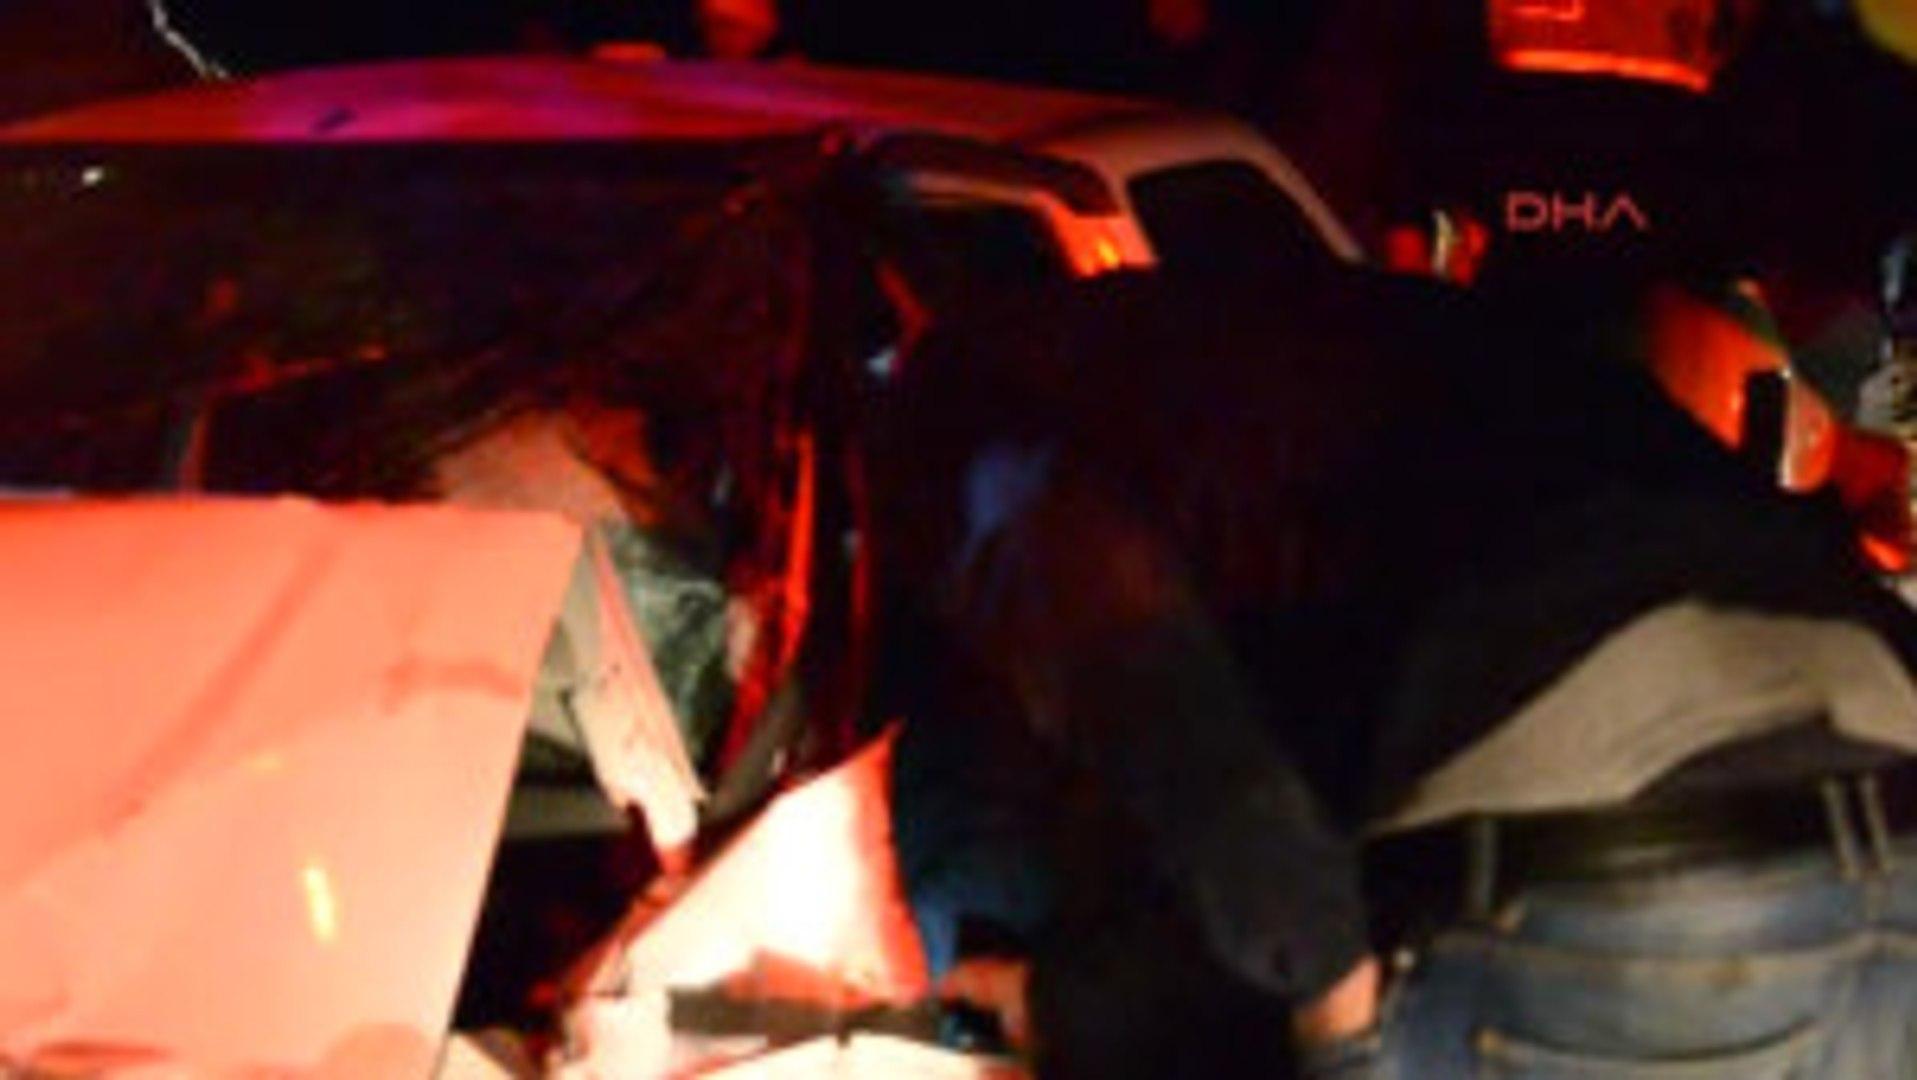 Denizli Otomobiller Karşılıklı Çarpıştı: 1 Ölü, 1 Yaralı